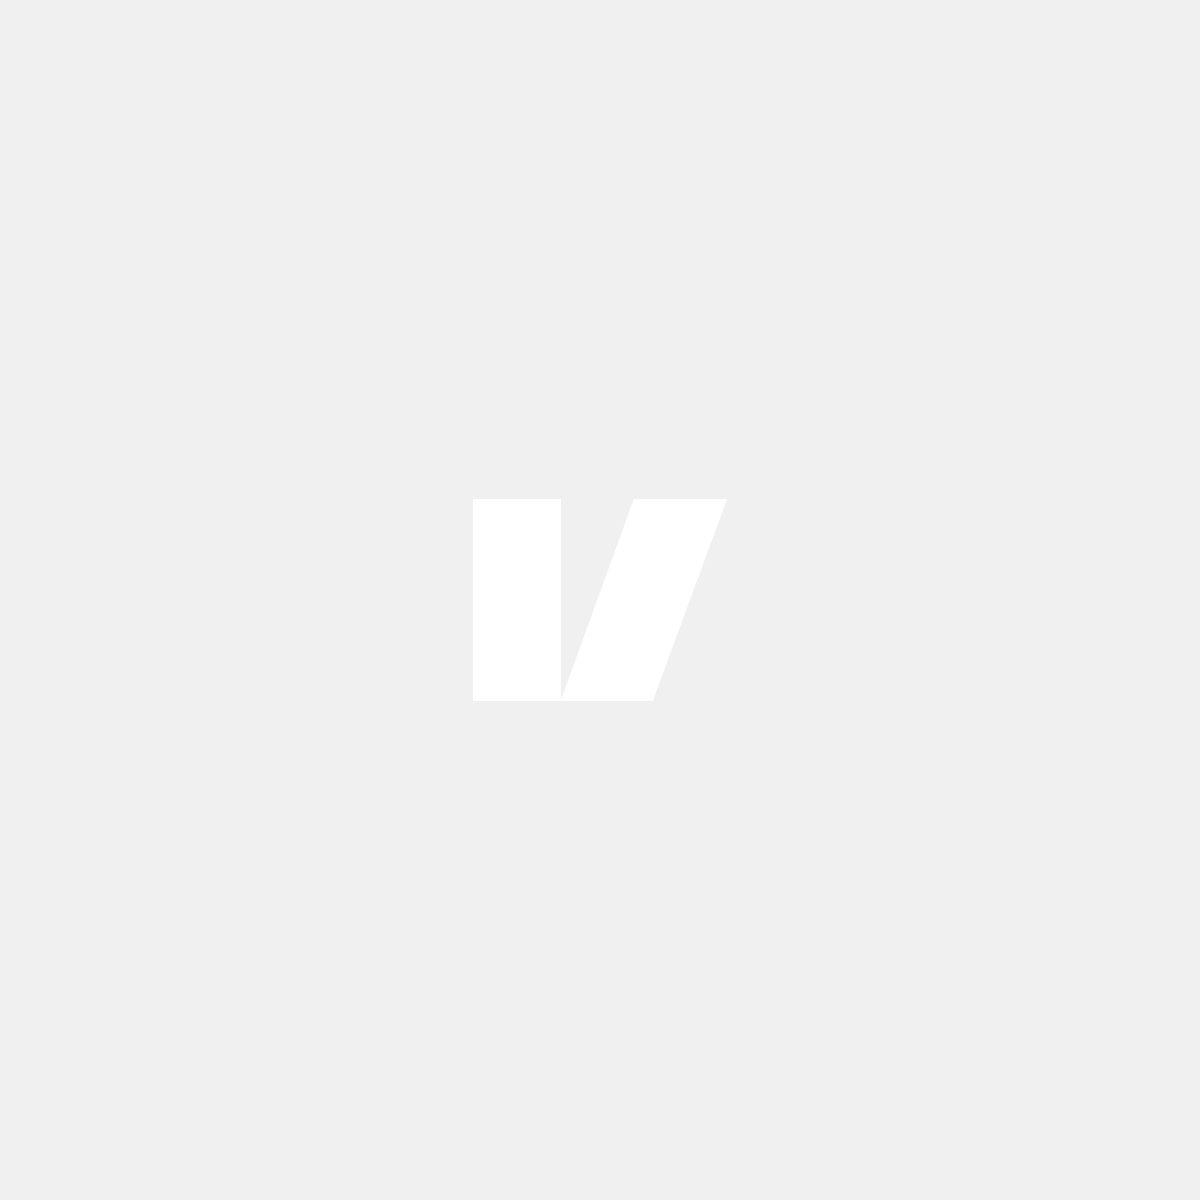 Mattkromade backspegelkåpor till Volvo S60, V70, för spegelblinkers